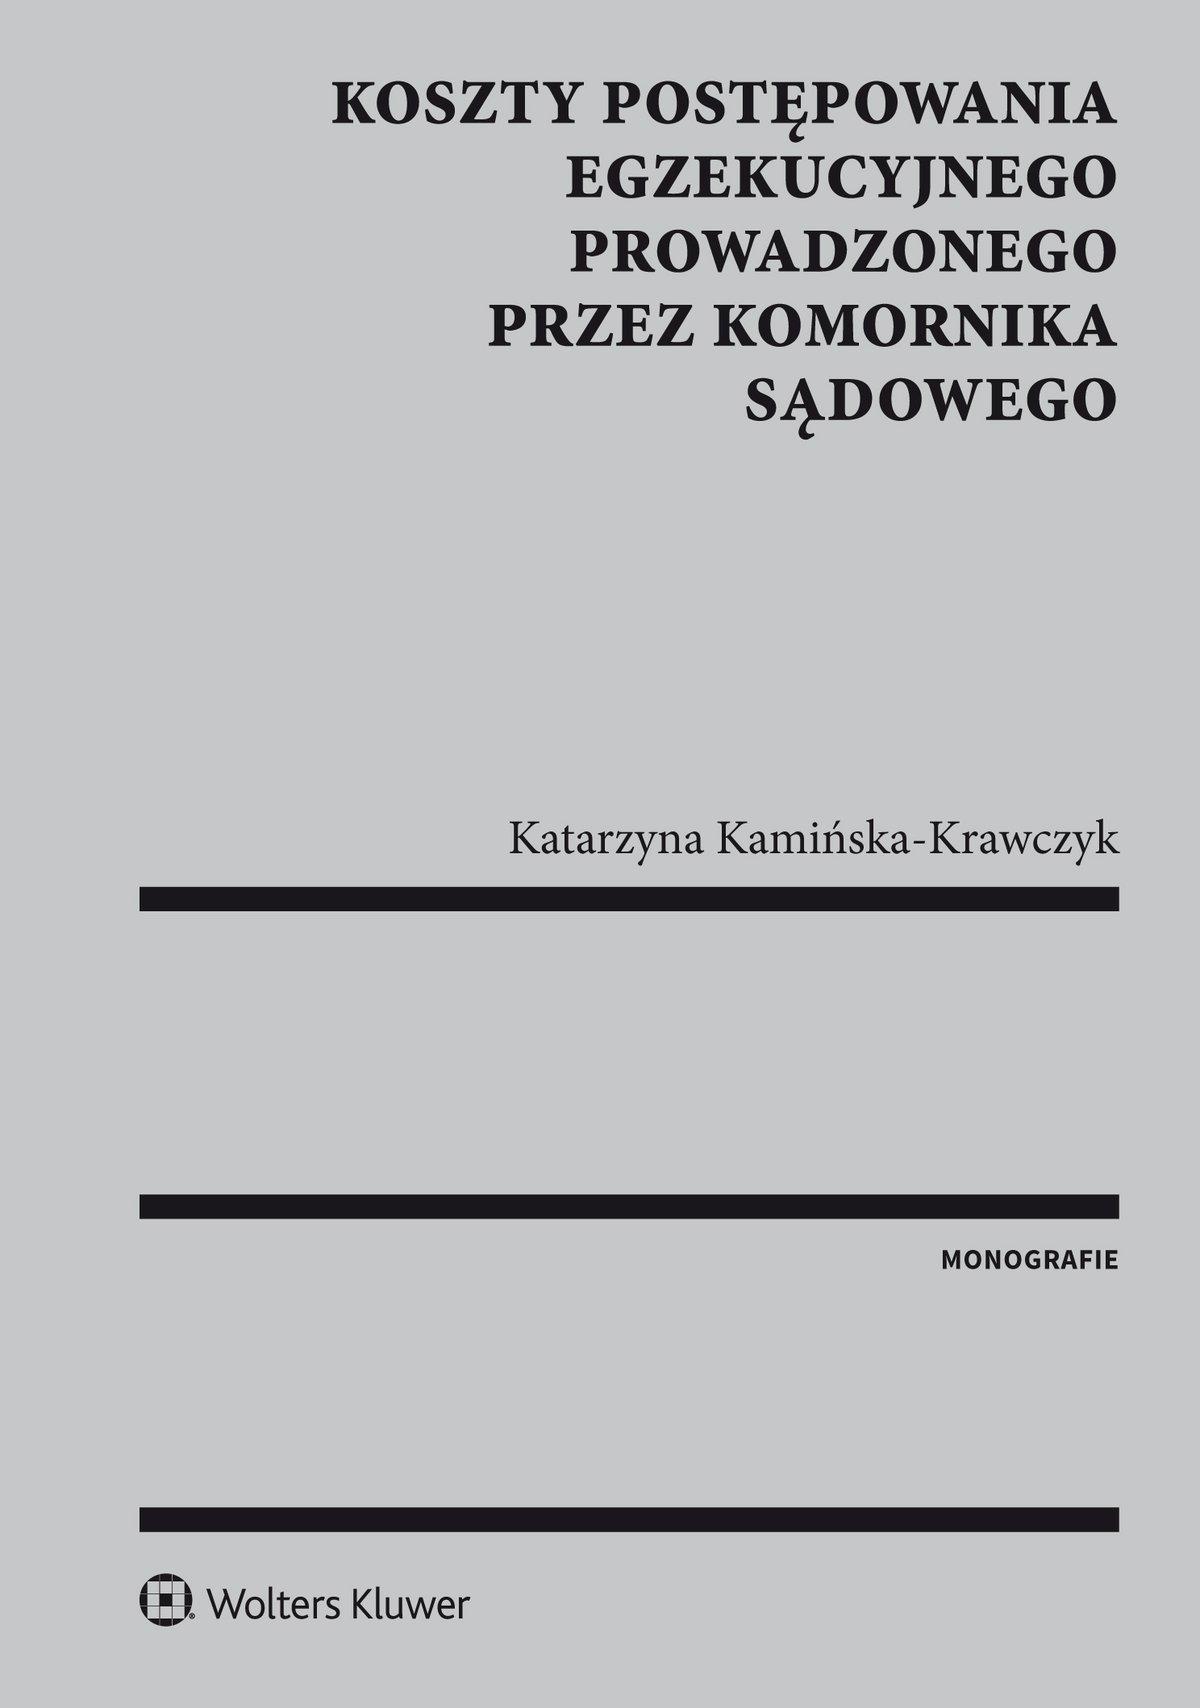 Koszty postępowania egzekucyjnego prowadzonego przez komornika sądowego - Ebook (Książka PDF) do pobrania w formacie PDF